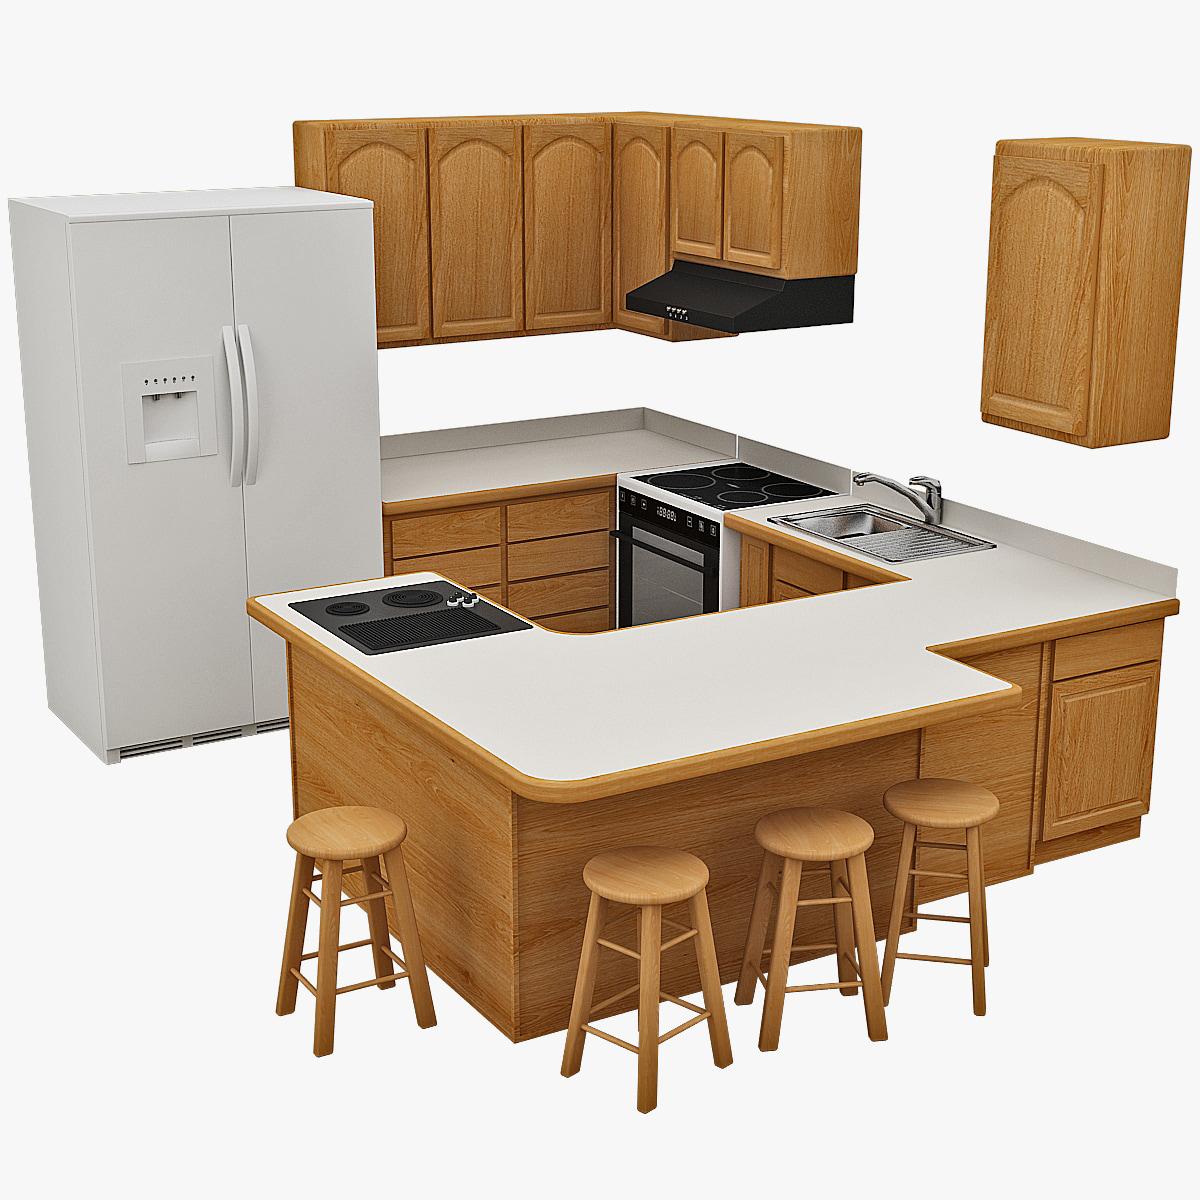 Kitchen_V20_000.jpg